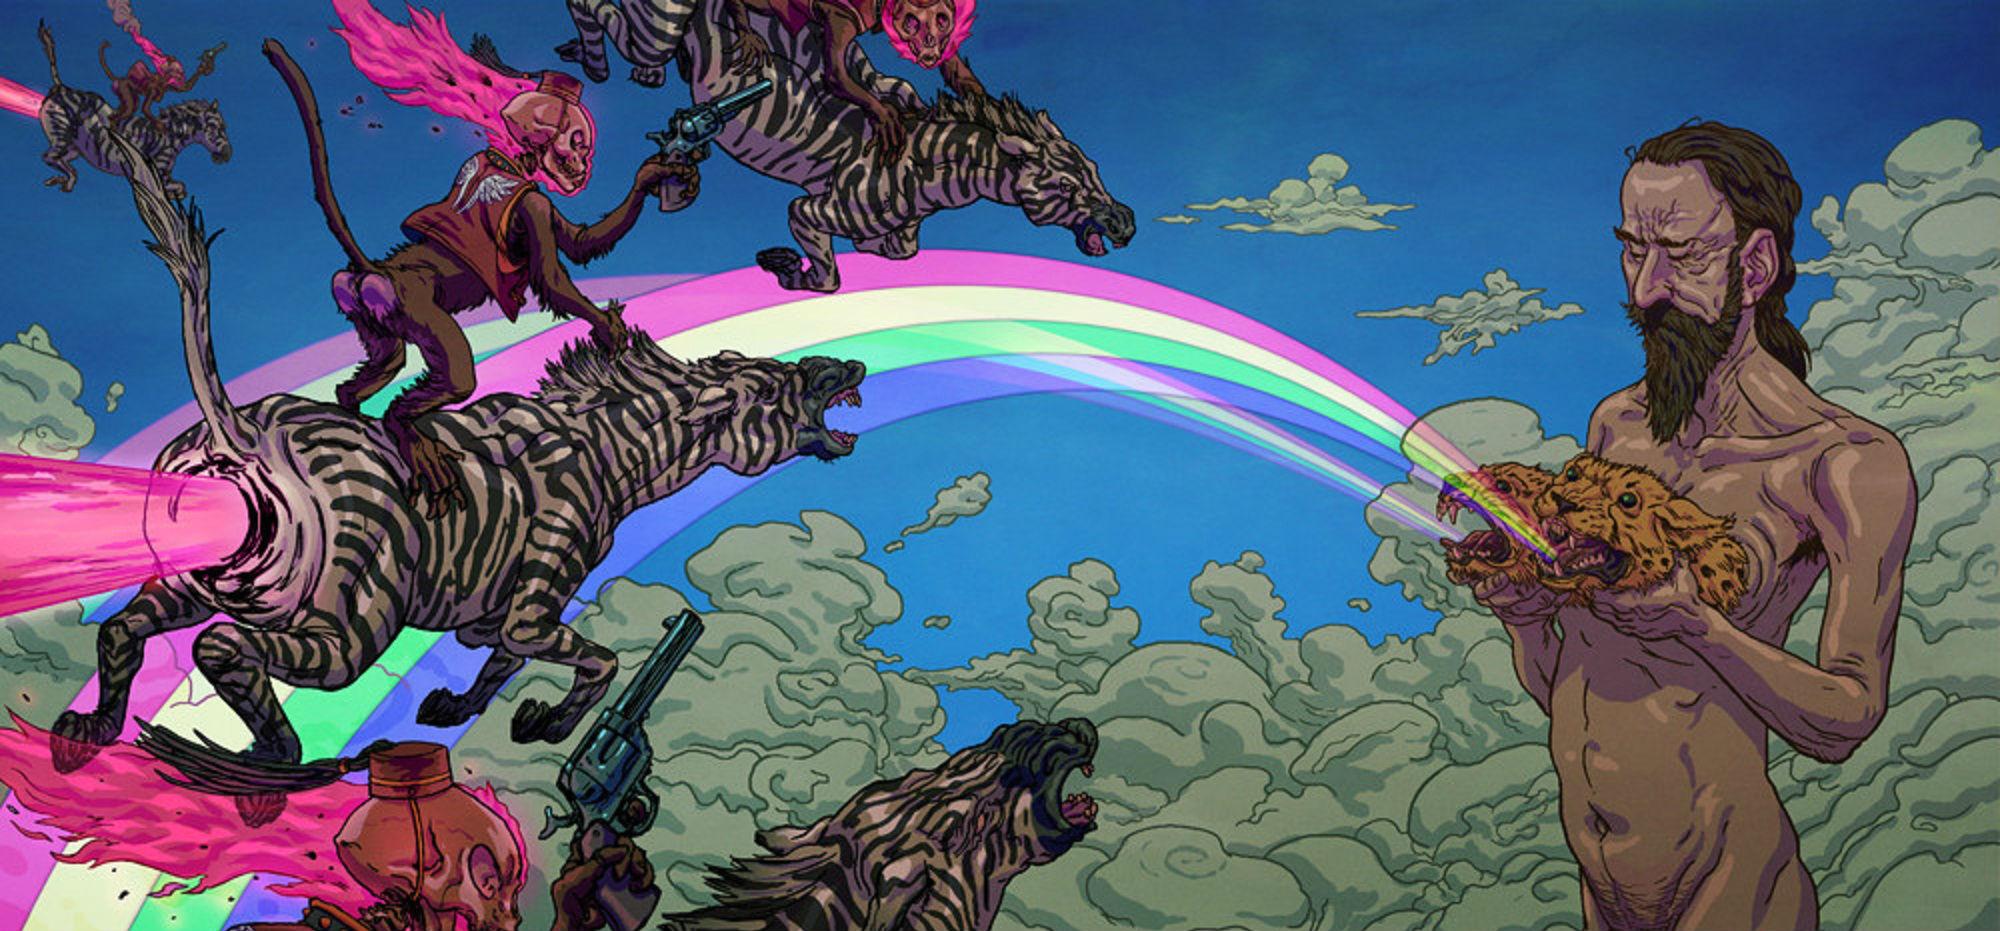 2000x931 px dark fantasy hippie monkey psychedelic skull zebra